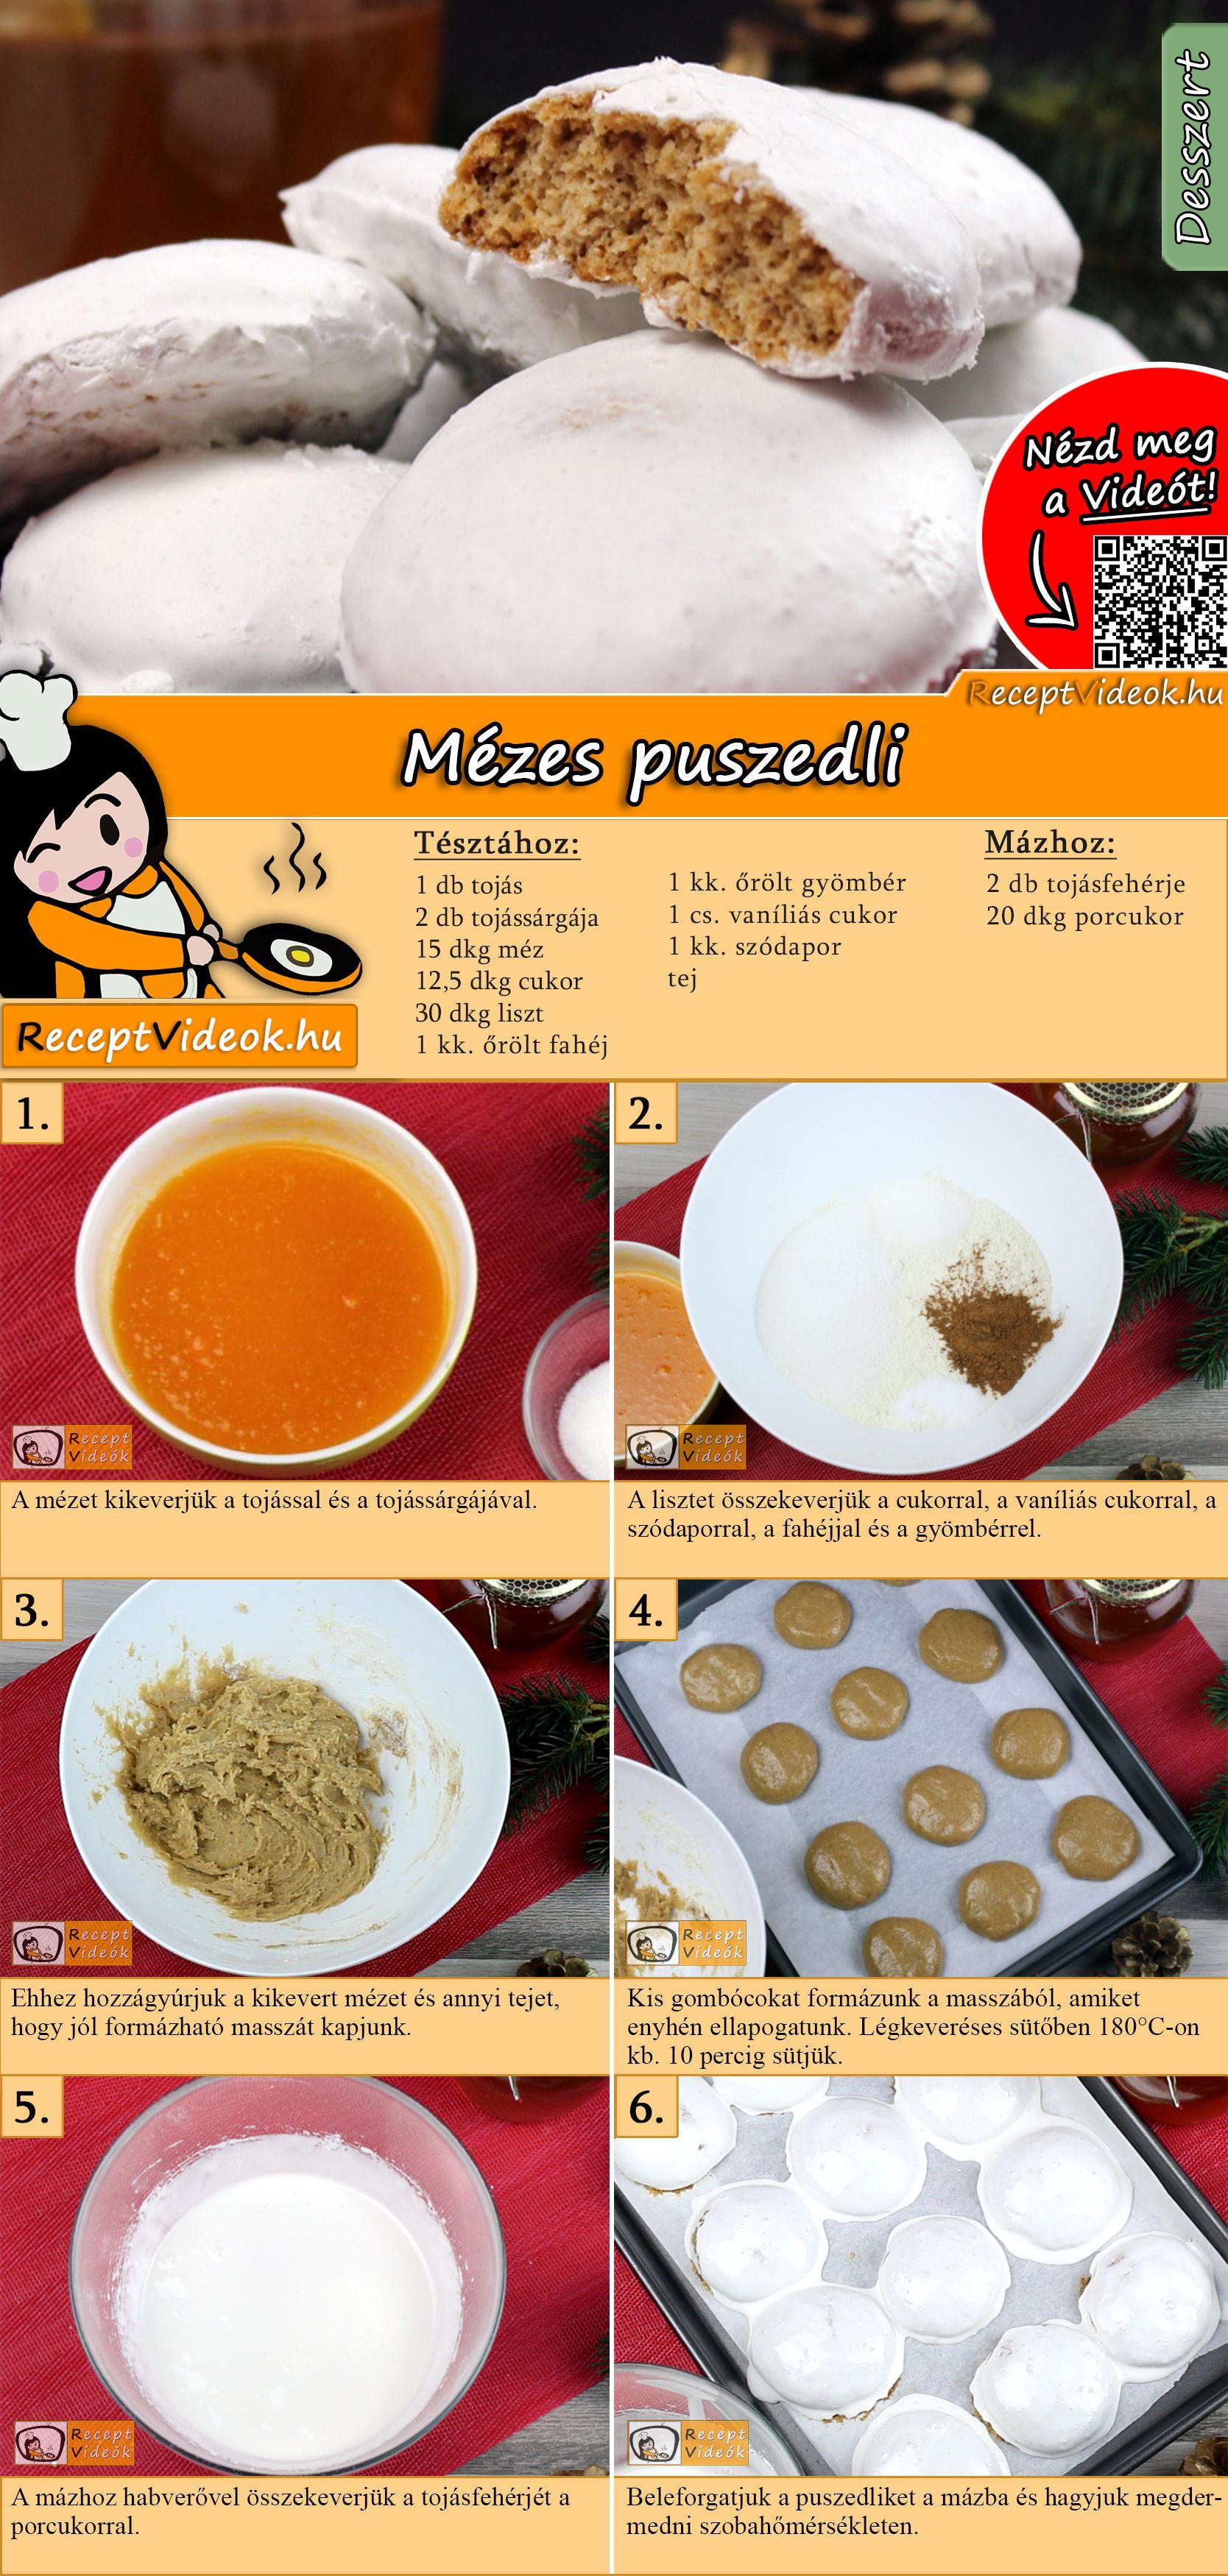 Mézes puszedli recept elkészítése videóval